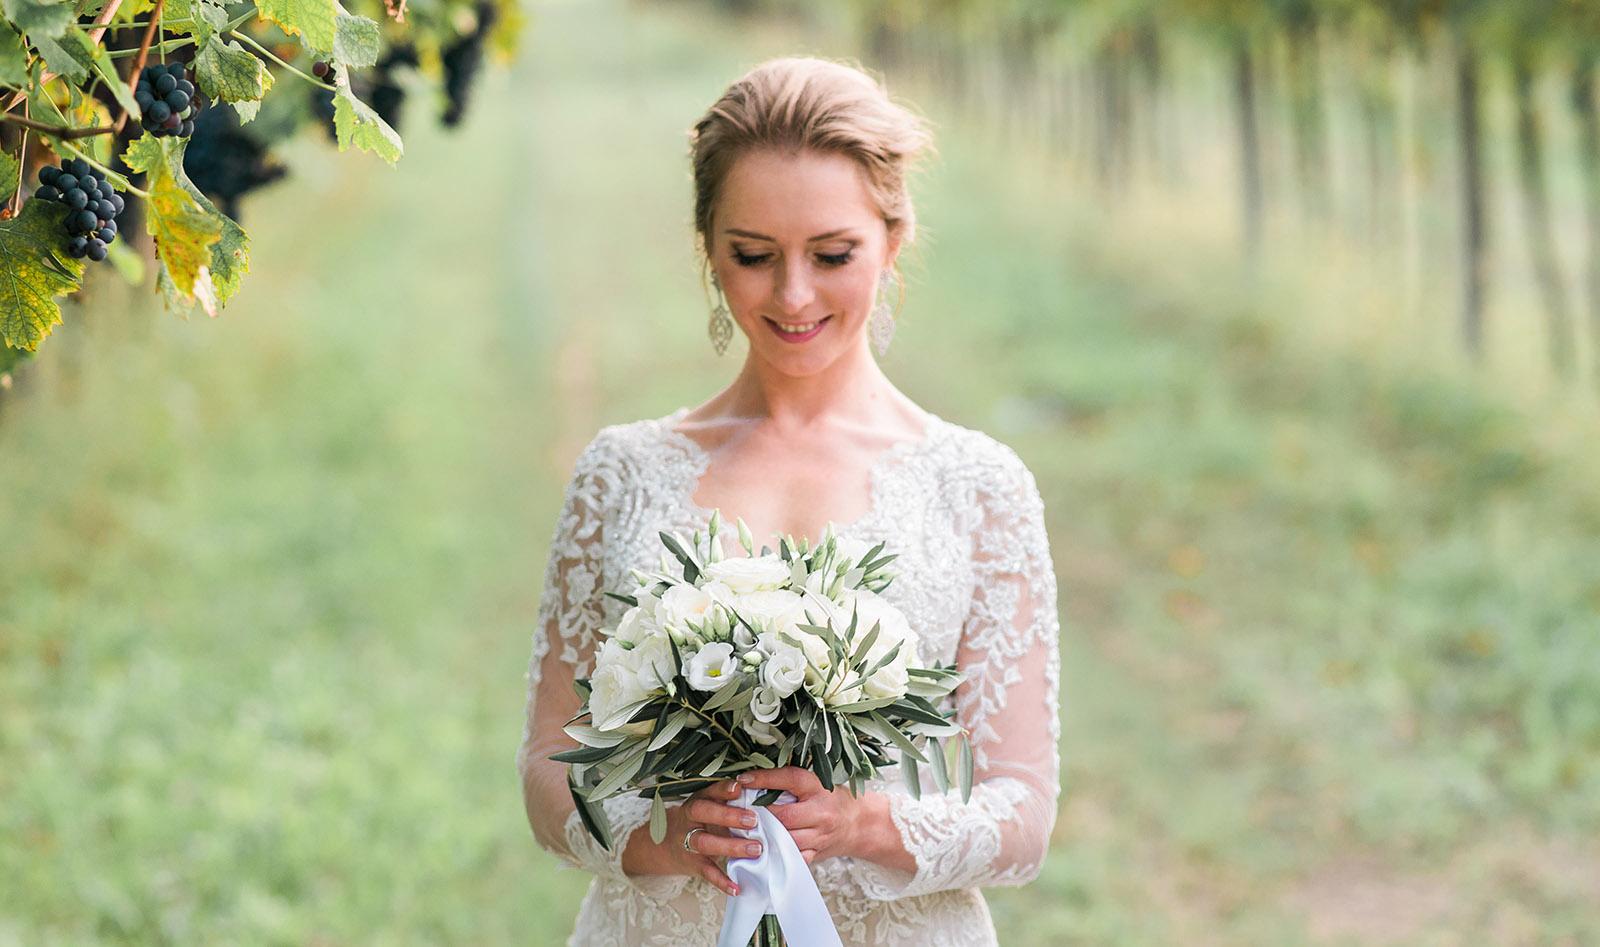 Brautmode Mannheim, Speyer & Ludwigshafen: Schöne Hochzeitskleider von internationalen Designern